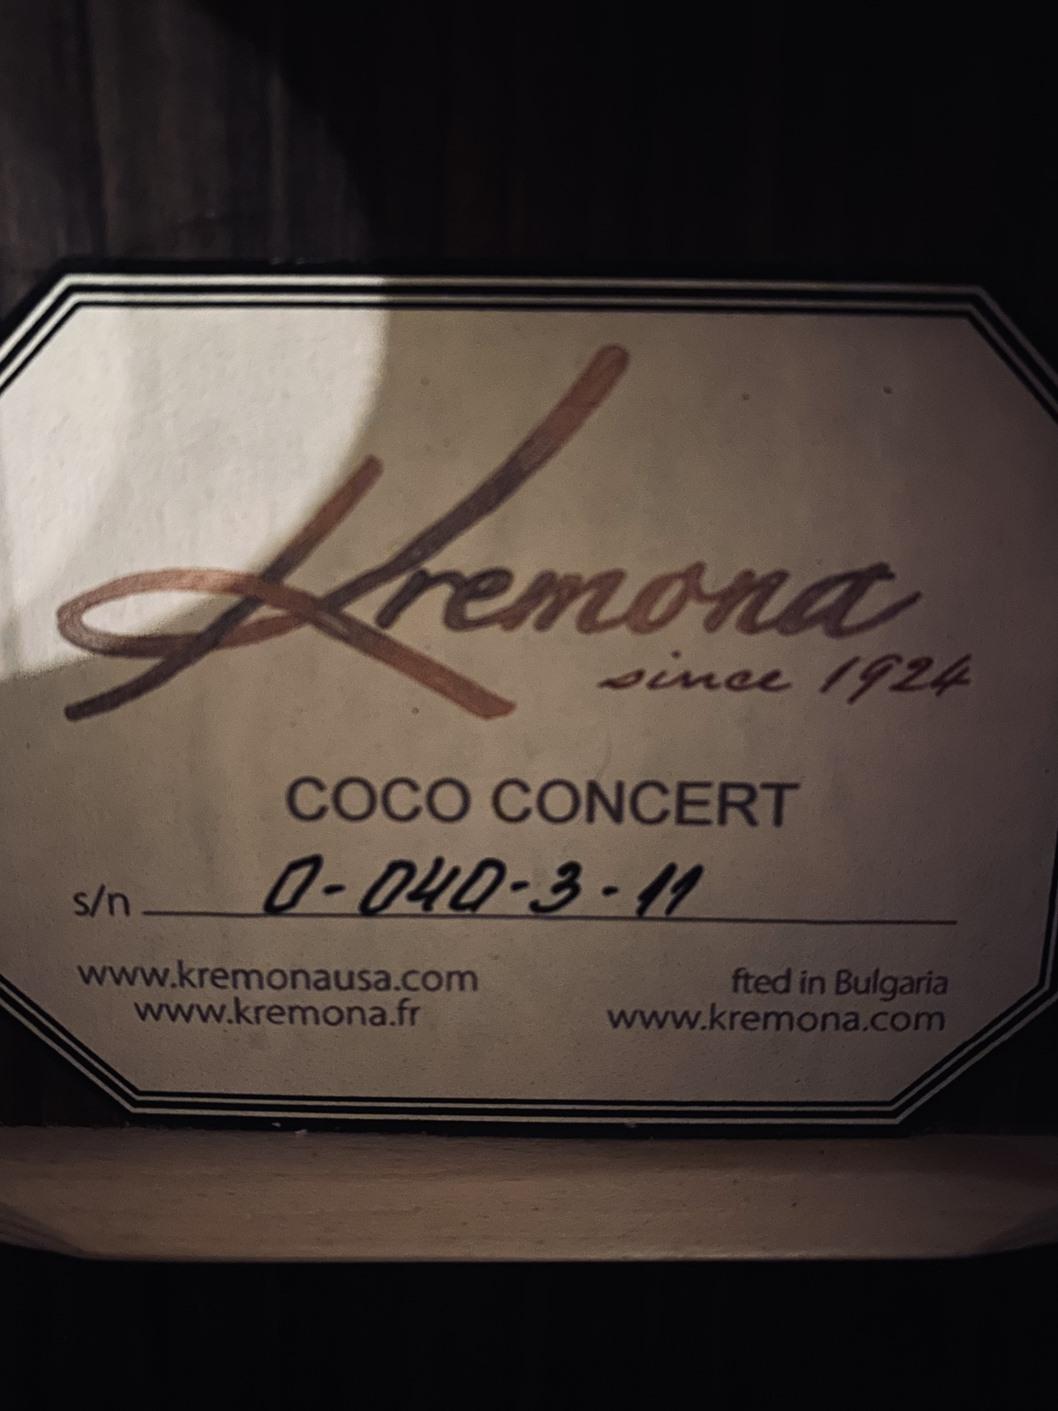 【Kremona】COCO コンサートサイズ